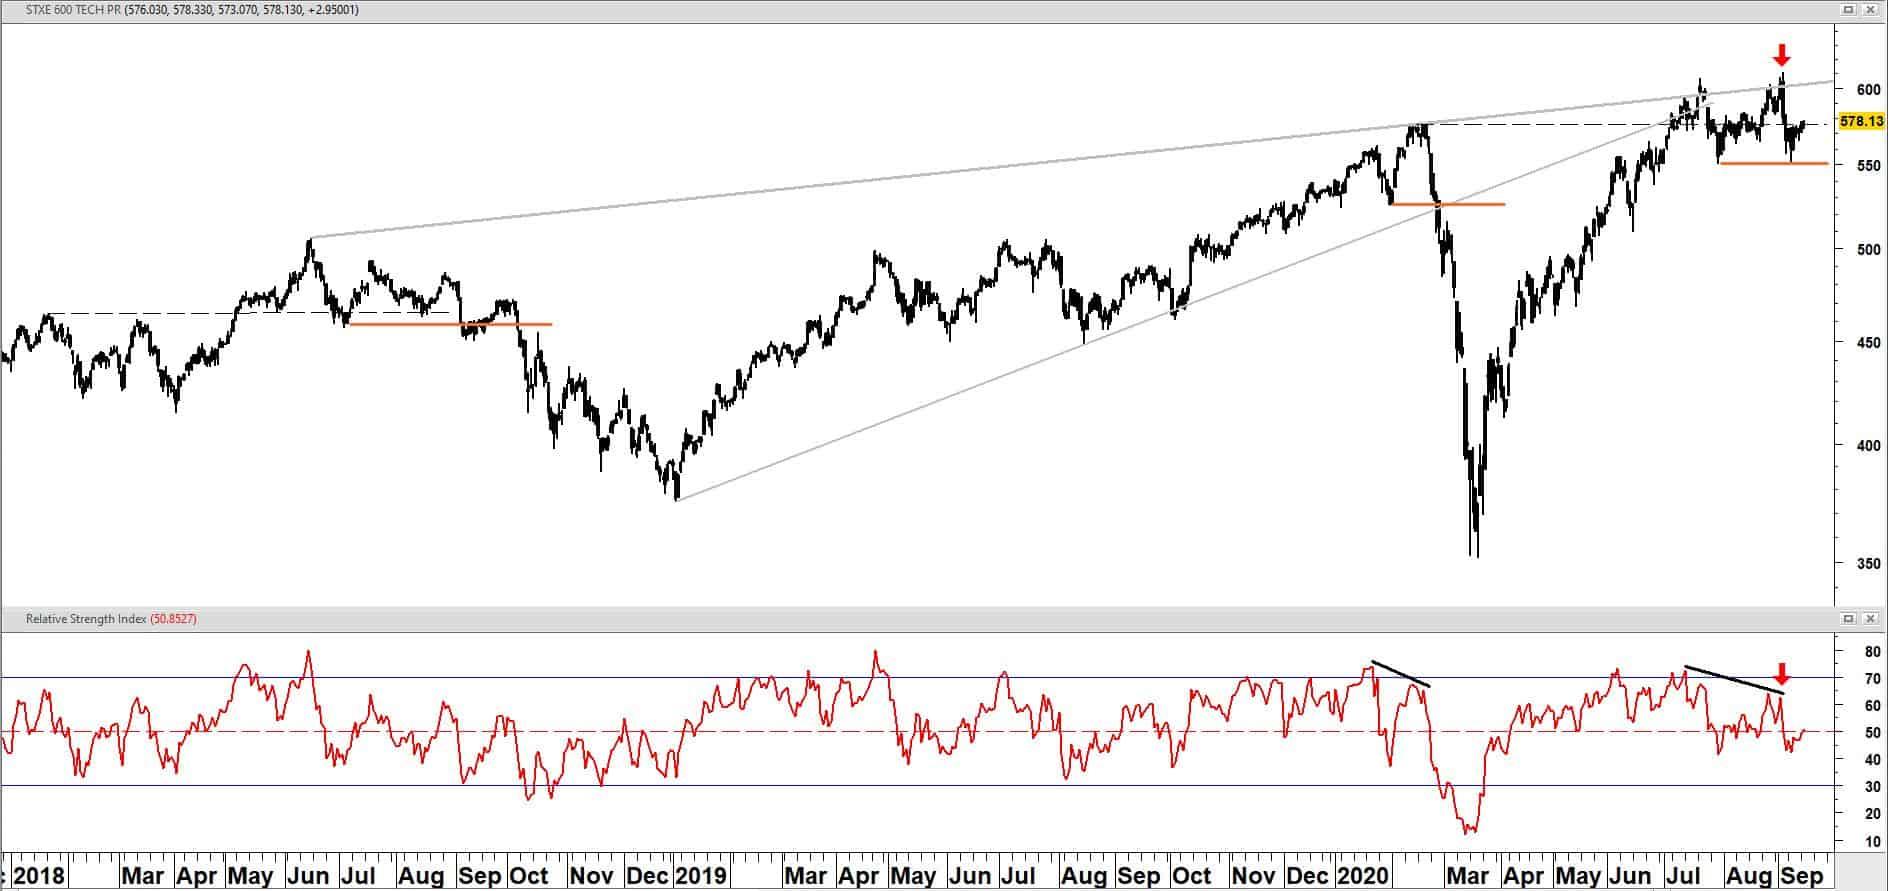 SPDR S&P BANK ETF (KBE) op maandbasis vanaf 2006 + relatieve sterkte t.o.v. SPDR S&P 500 ETF